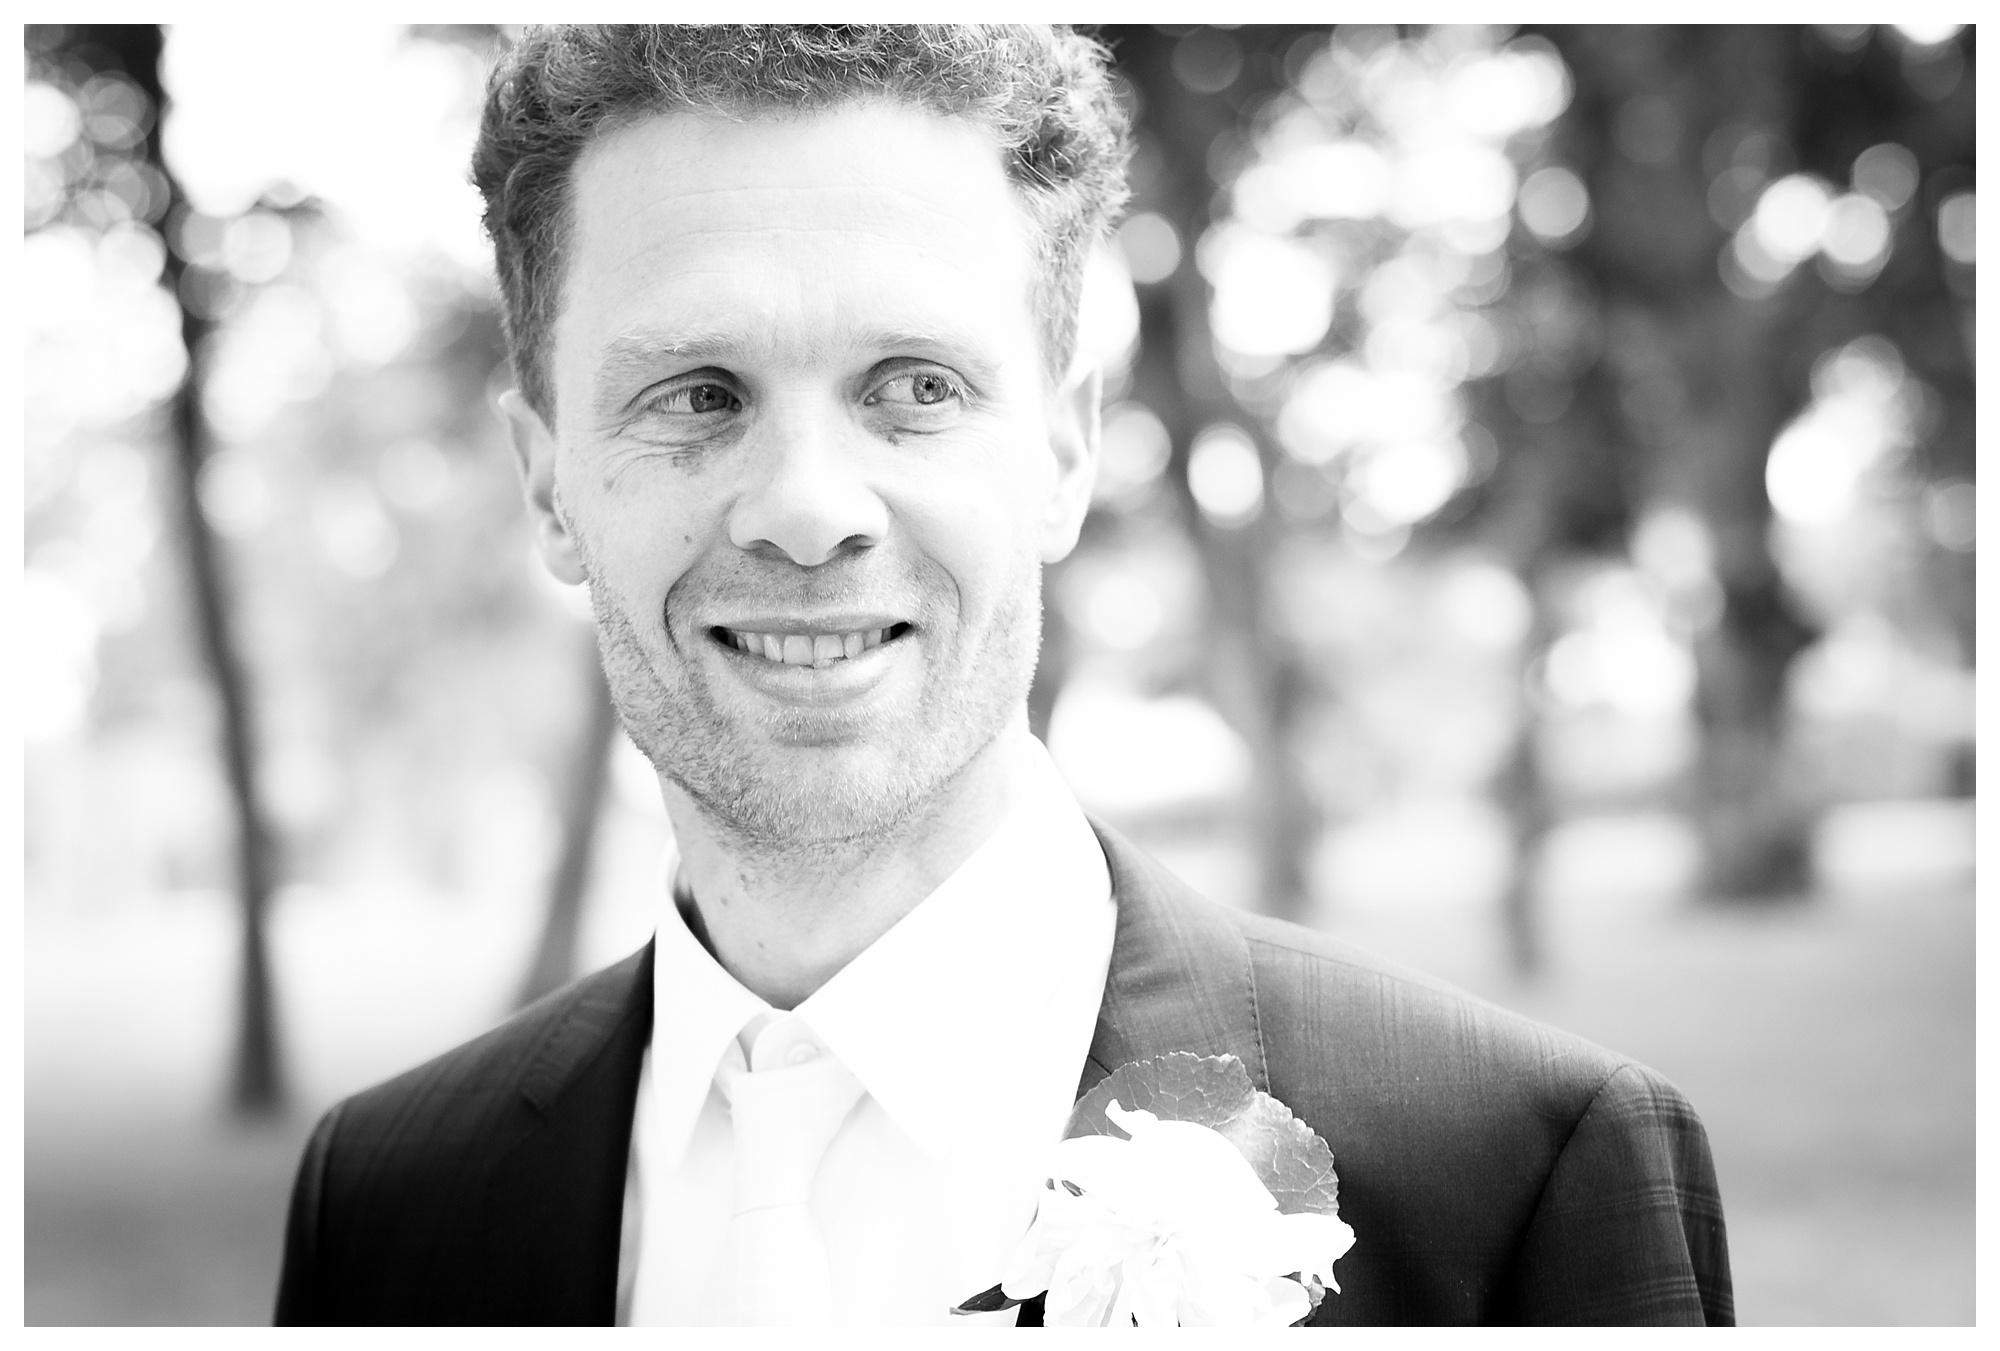 Fotograf Konstanz - Hochzeit Tanja Elmar Elmar Feuerbacher Photography Konstanz Messkirch Highlights 070 - Hochzeitsreportage von Tanja und Elmar im Schloss Meßkirch  - 172 -